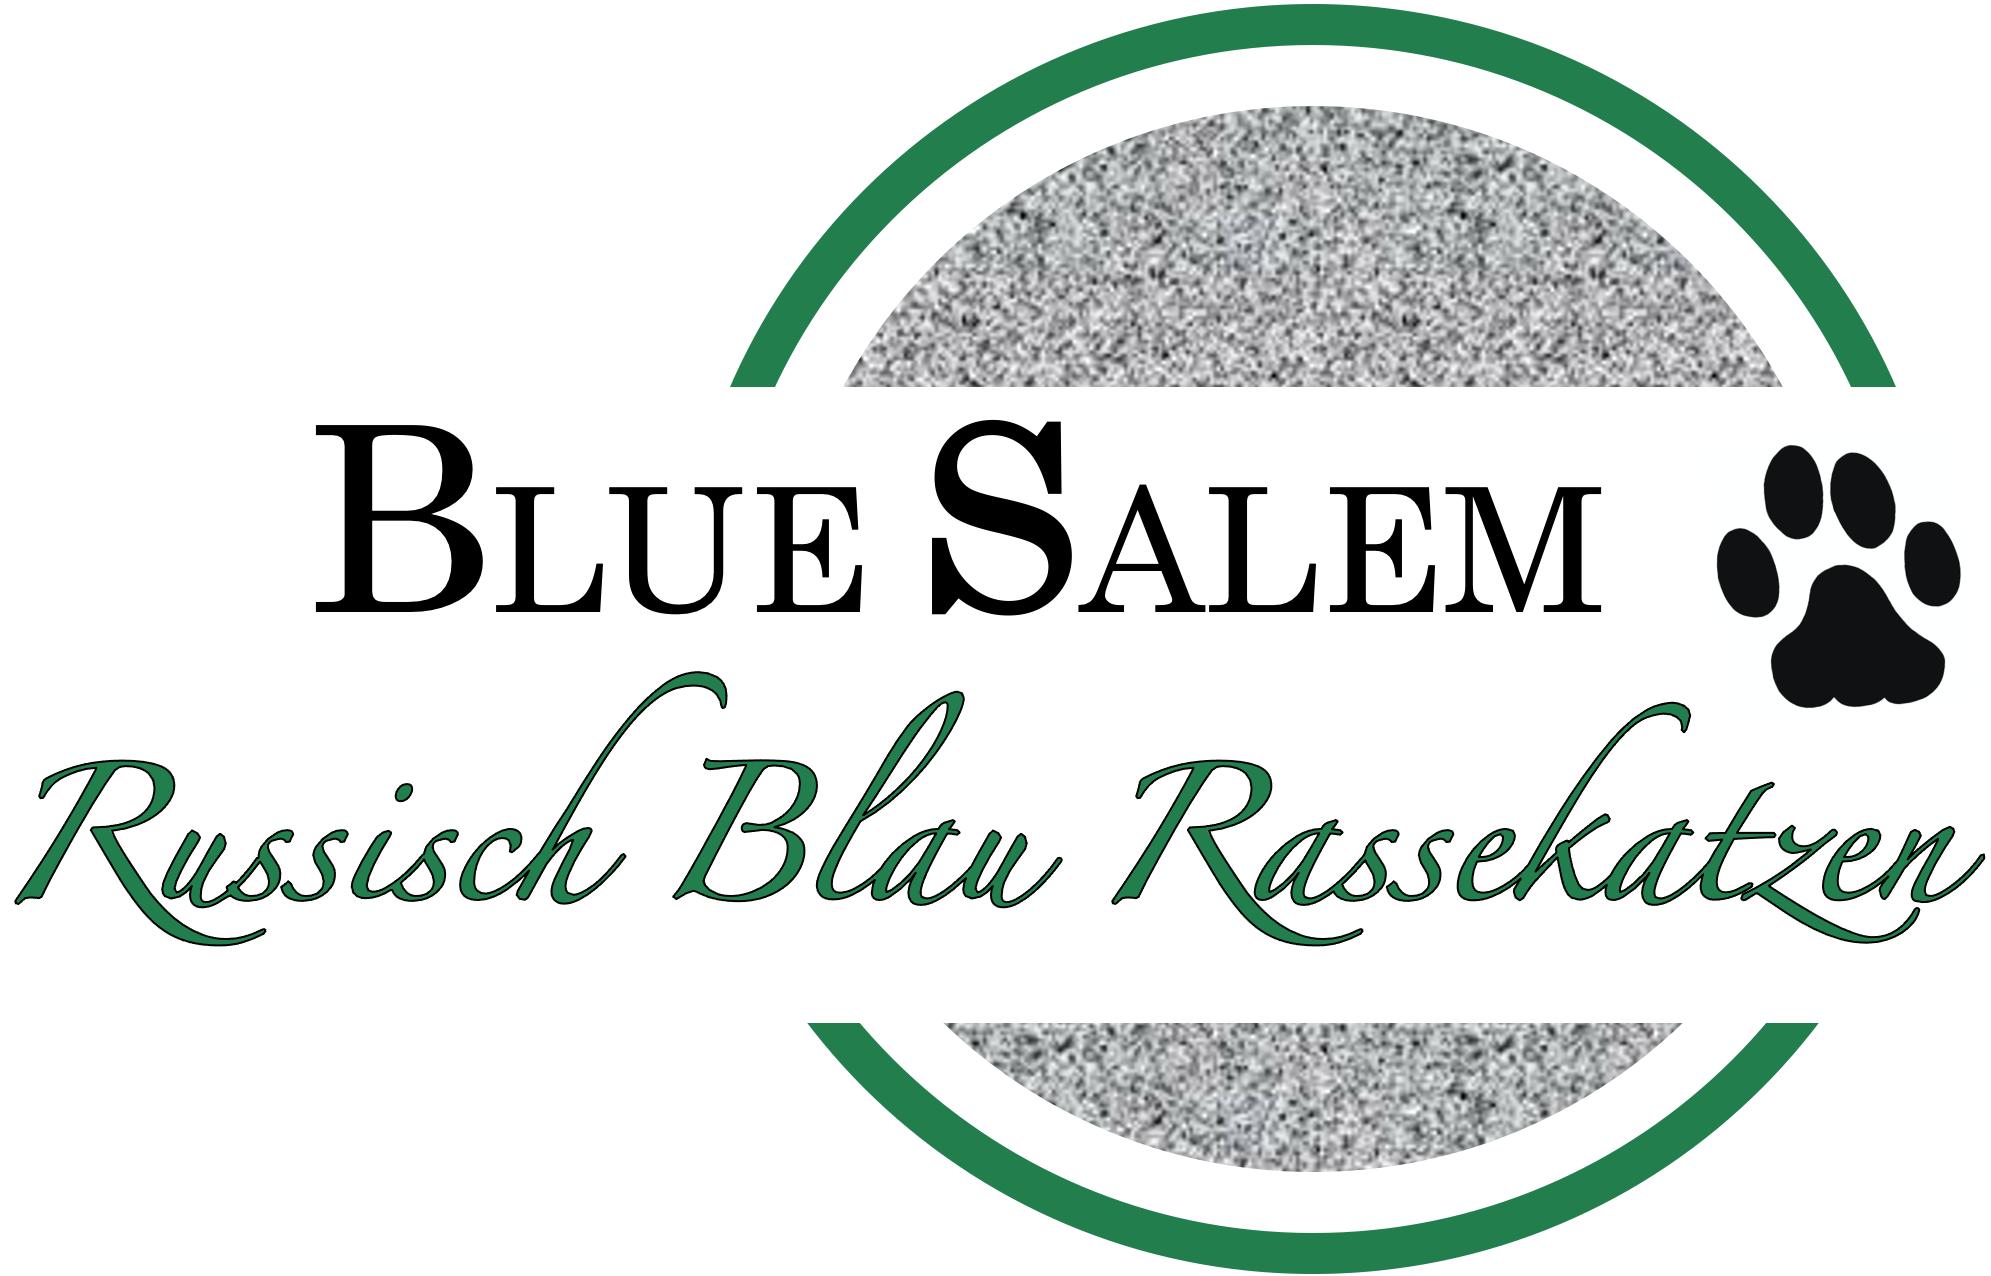 Russisch Blau Rassekatzen